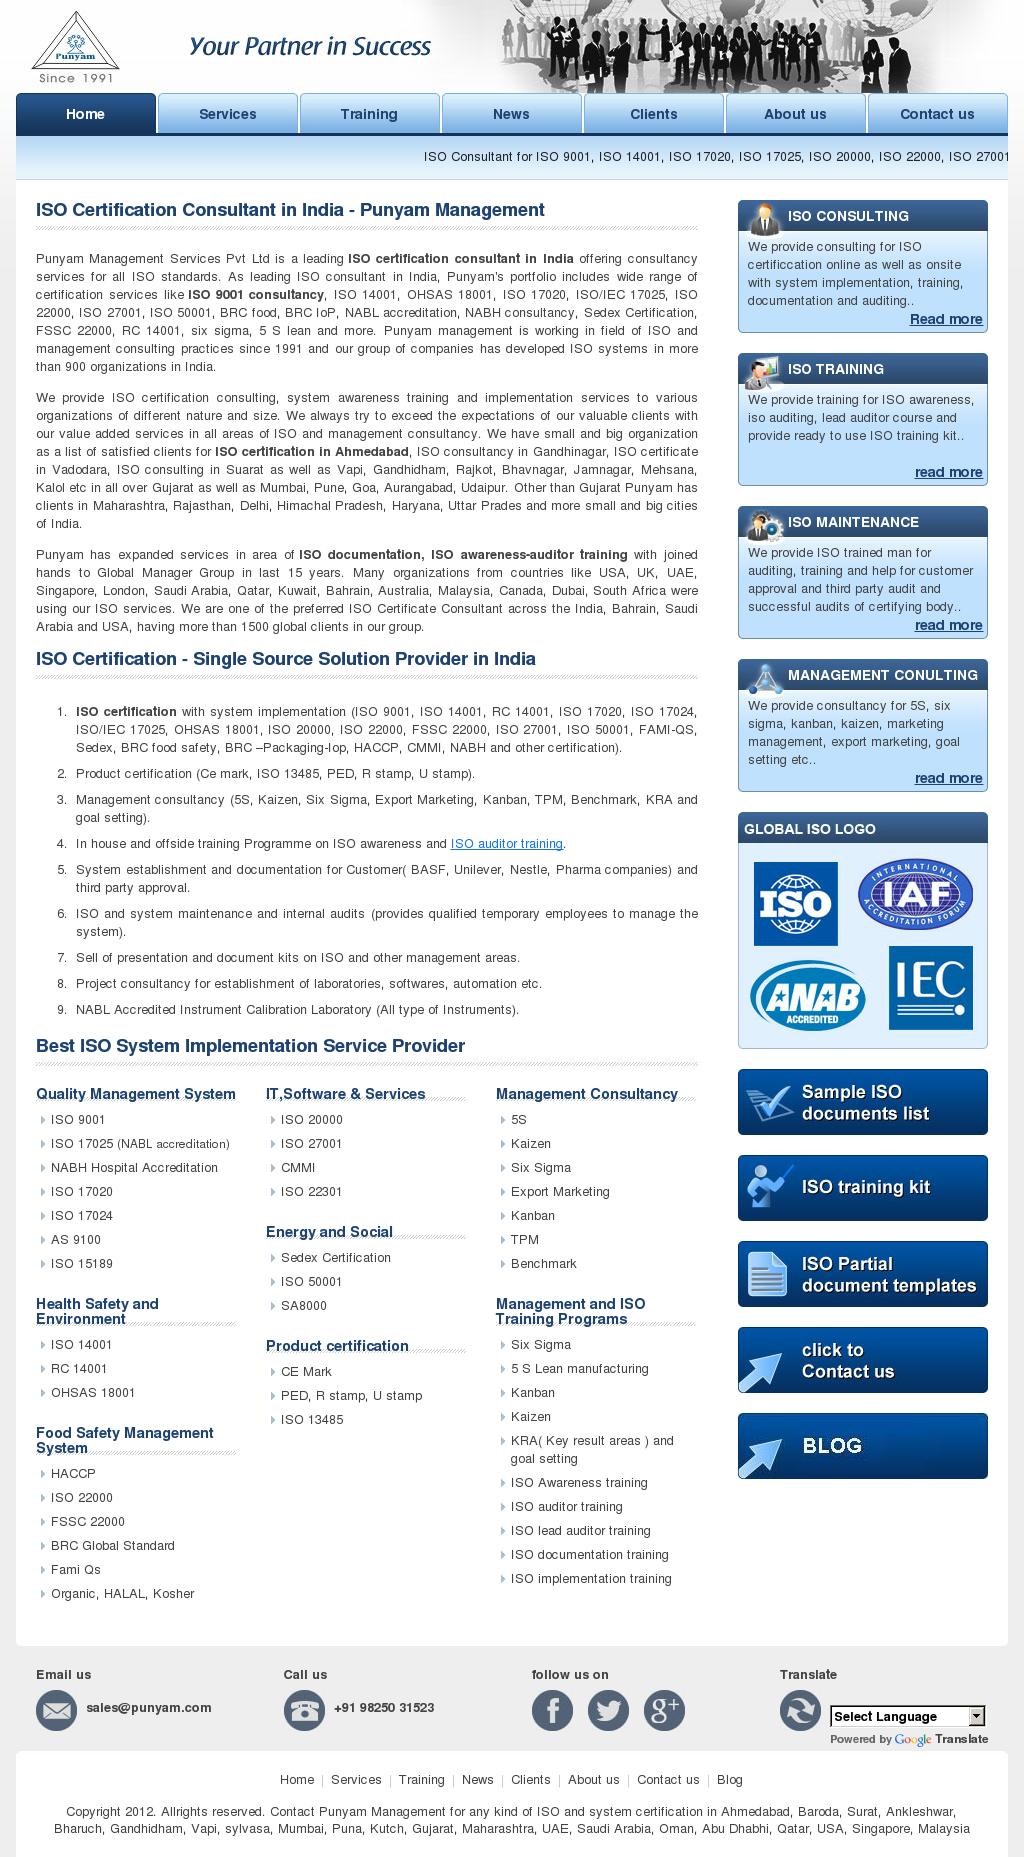 Owler Reports - Press Release: Punyam : Punyam com has